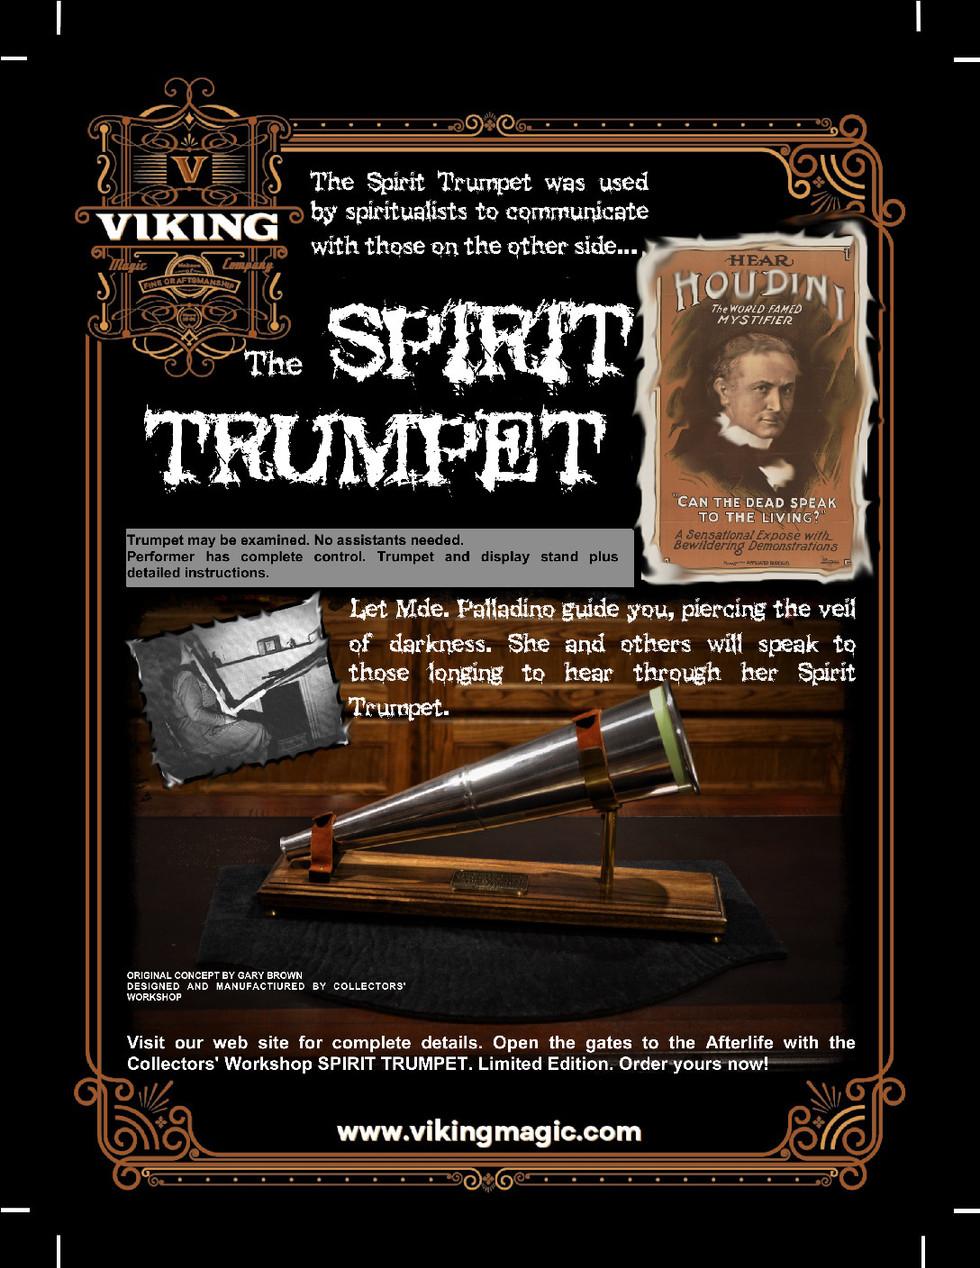 See it at Viking Magic